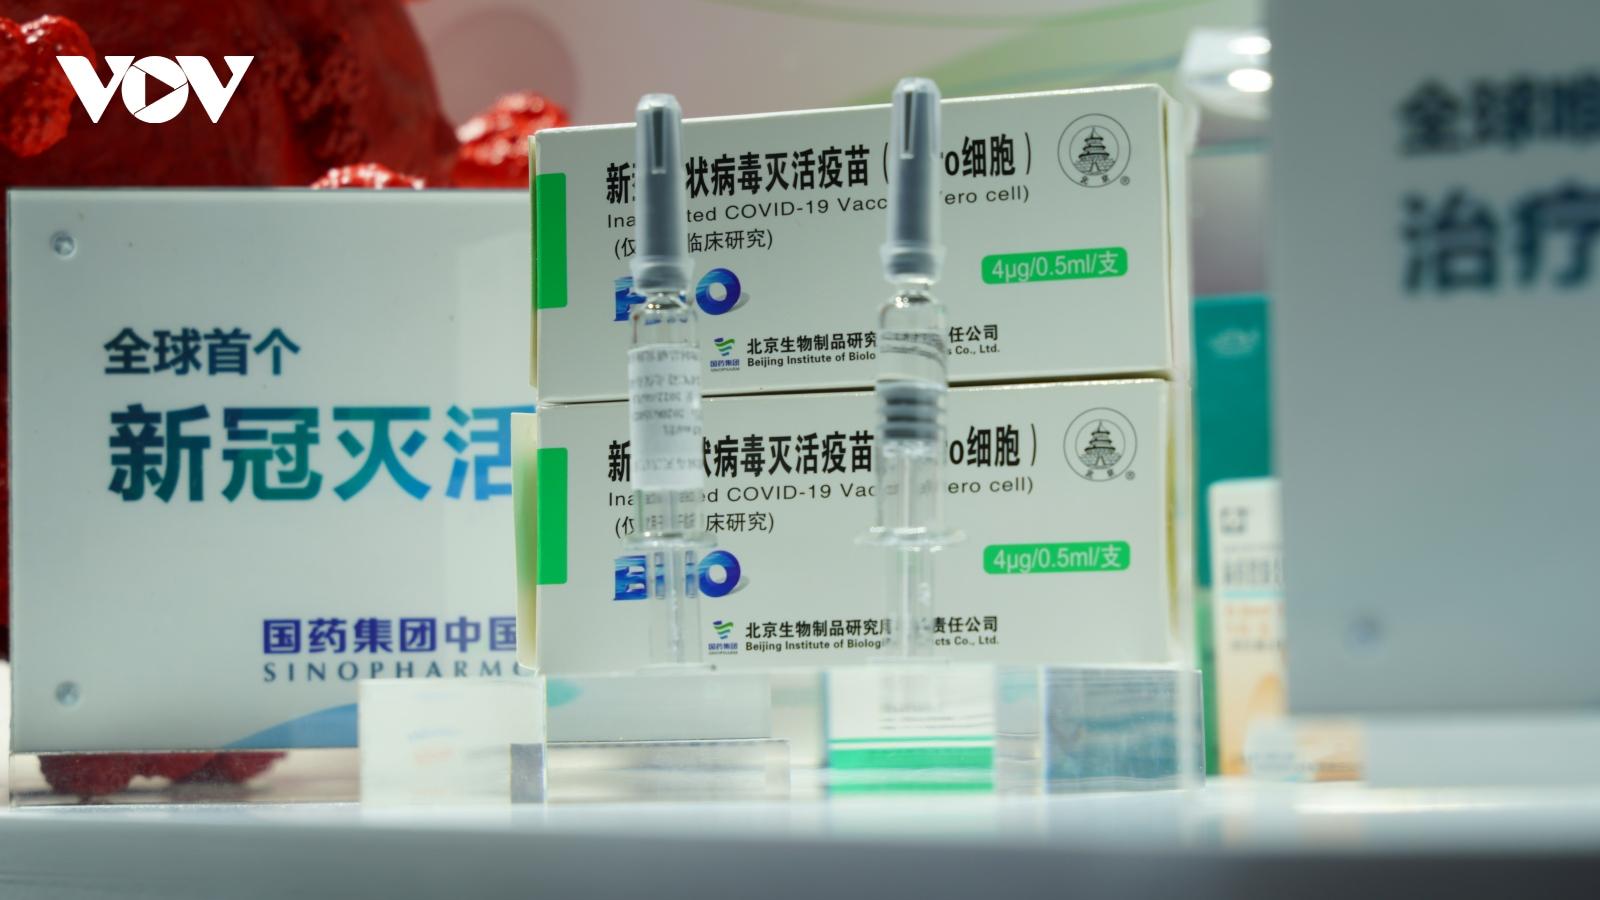 Trung Quốc lần đầu tiên giới thiệu vaccine Covid-19 ra công chúng